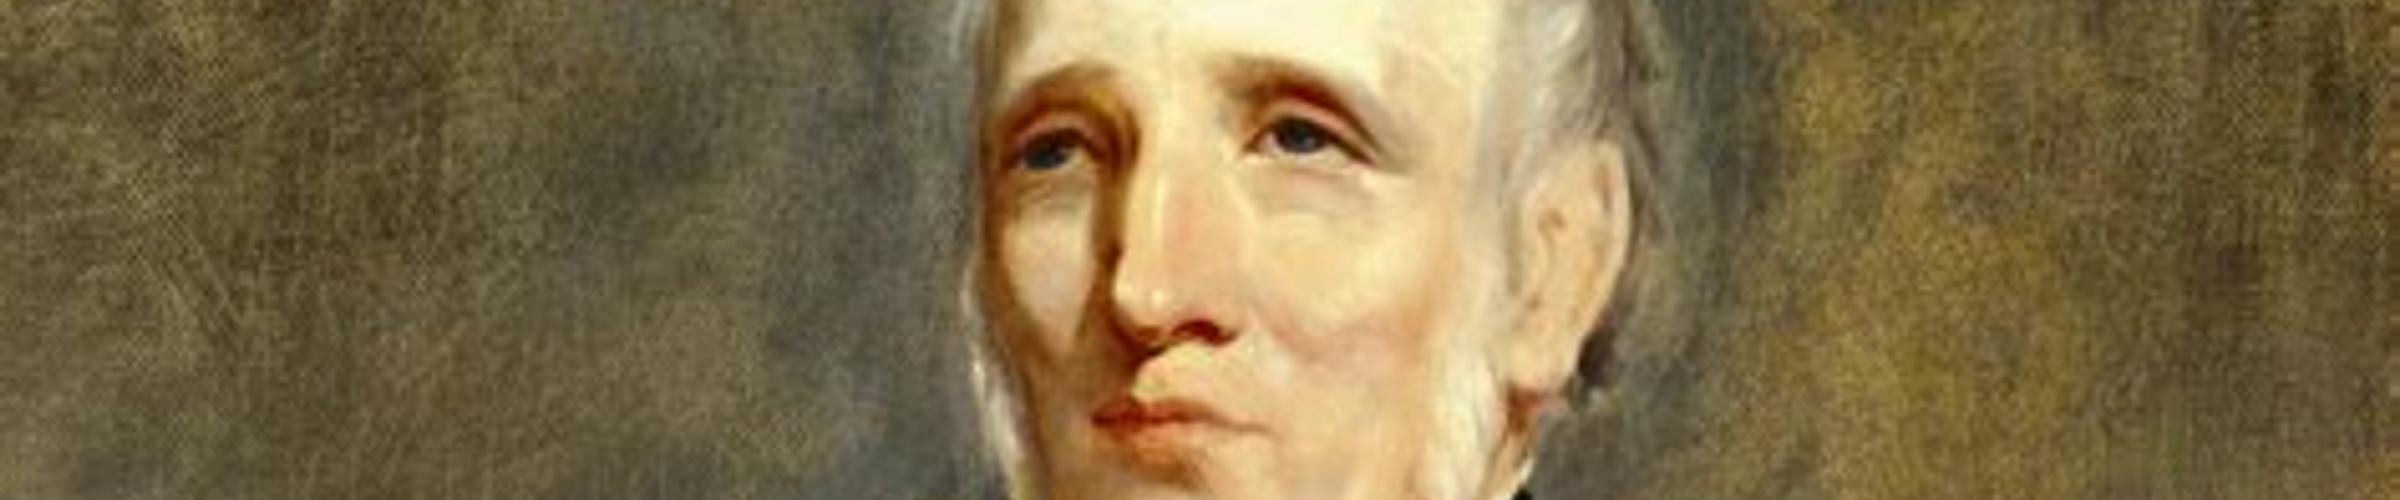 Encountering Wordsworth's Legacy